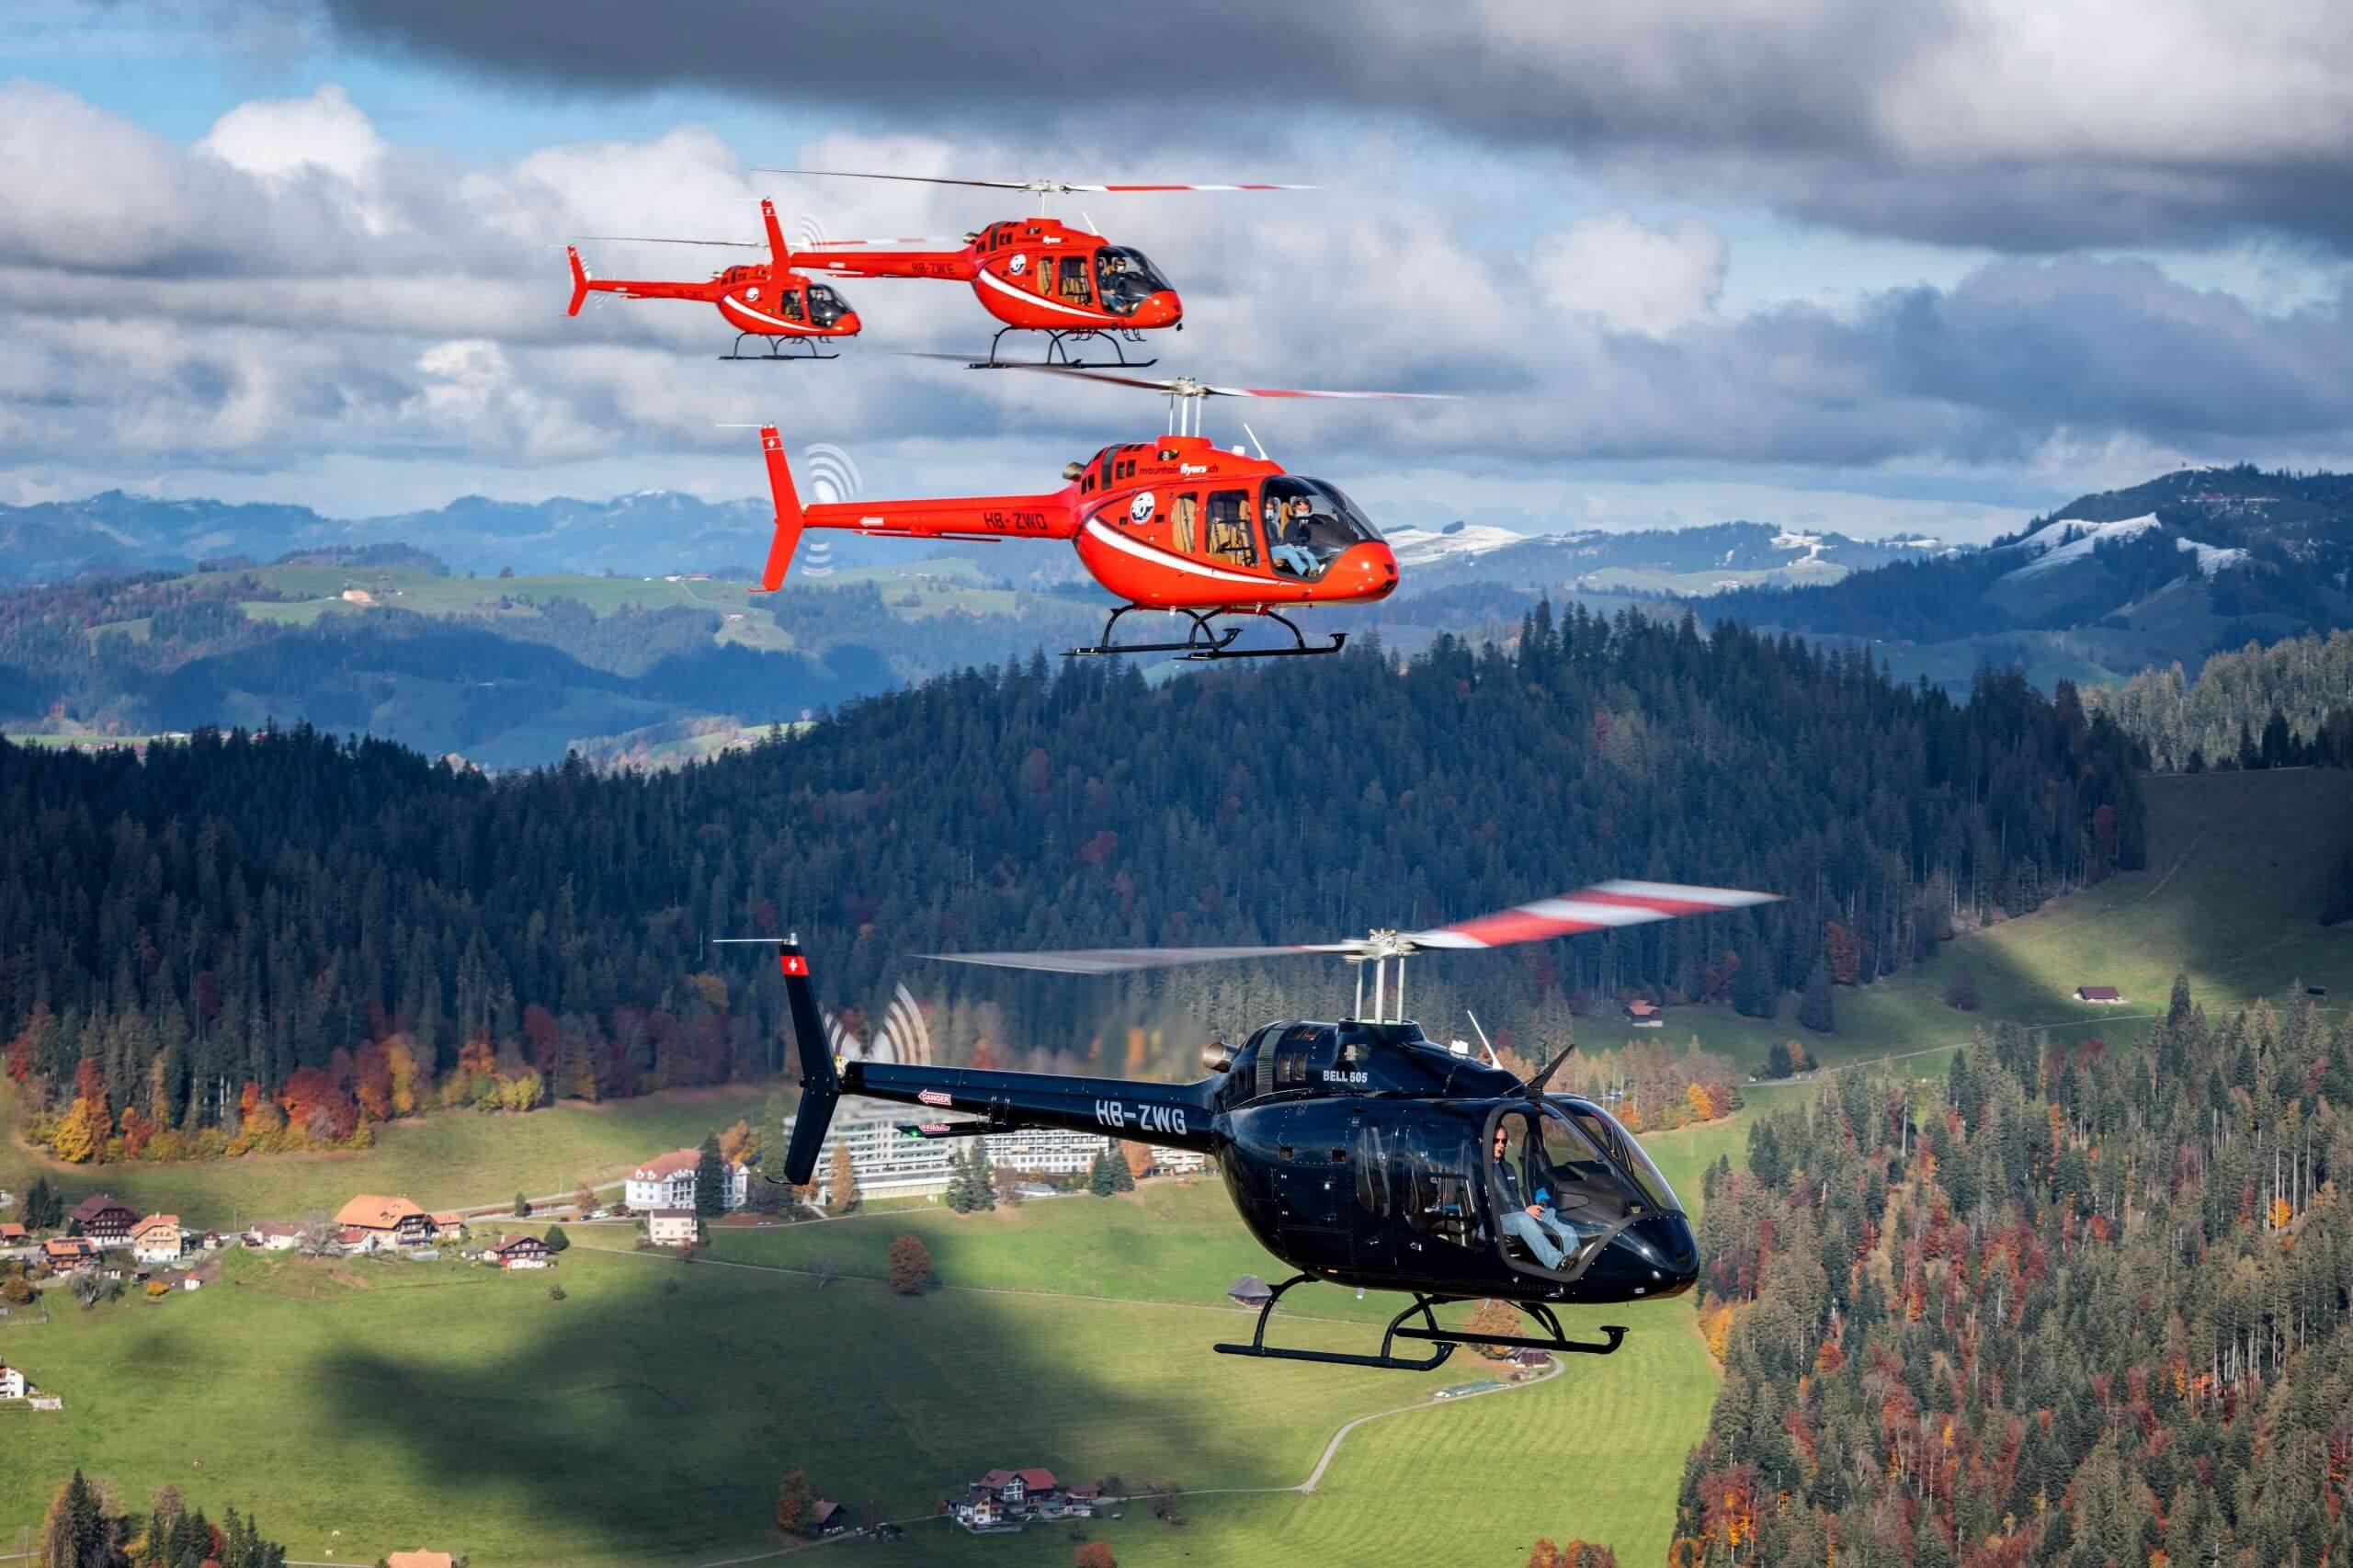 Heliopter mieten zürich , zermatt